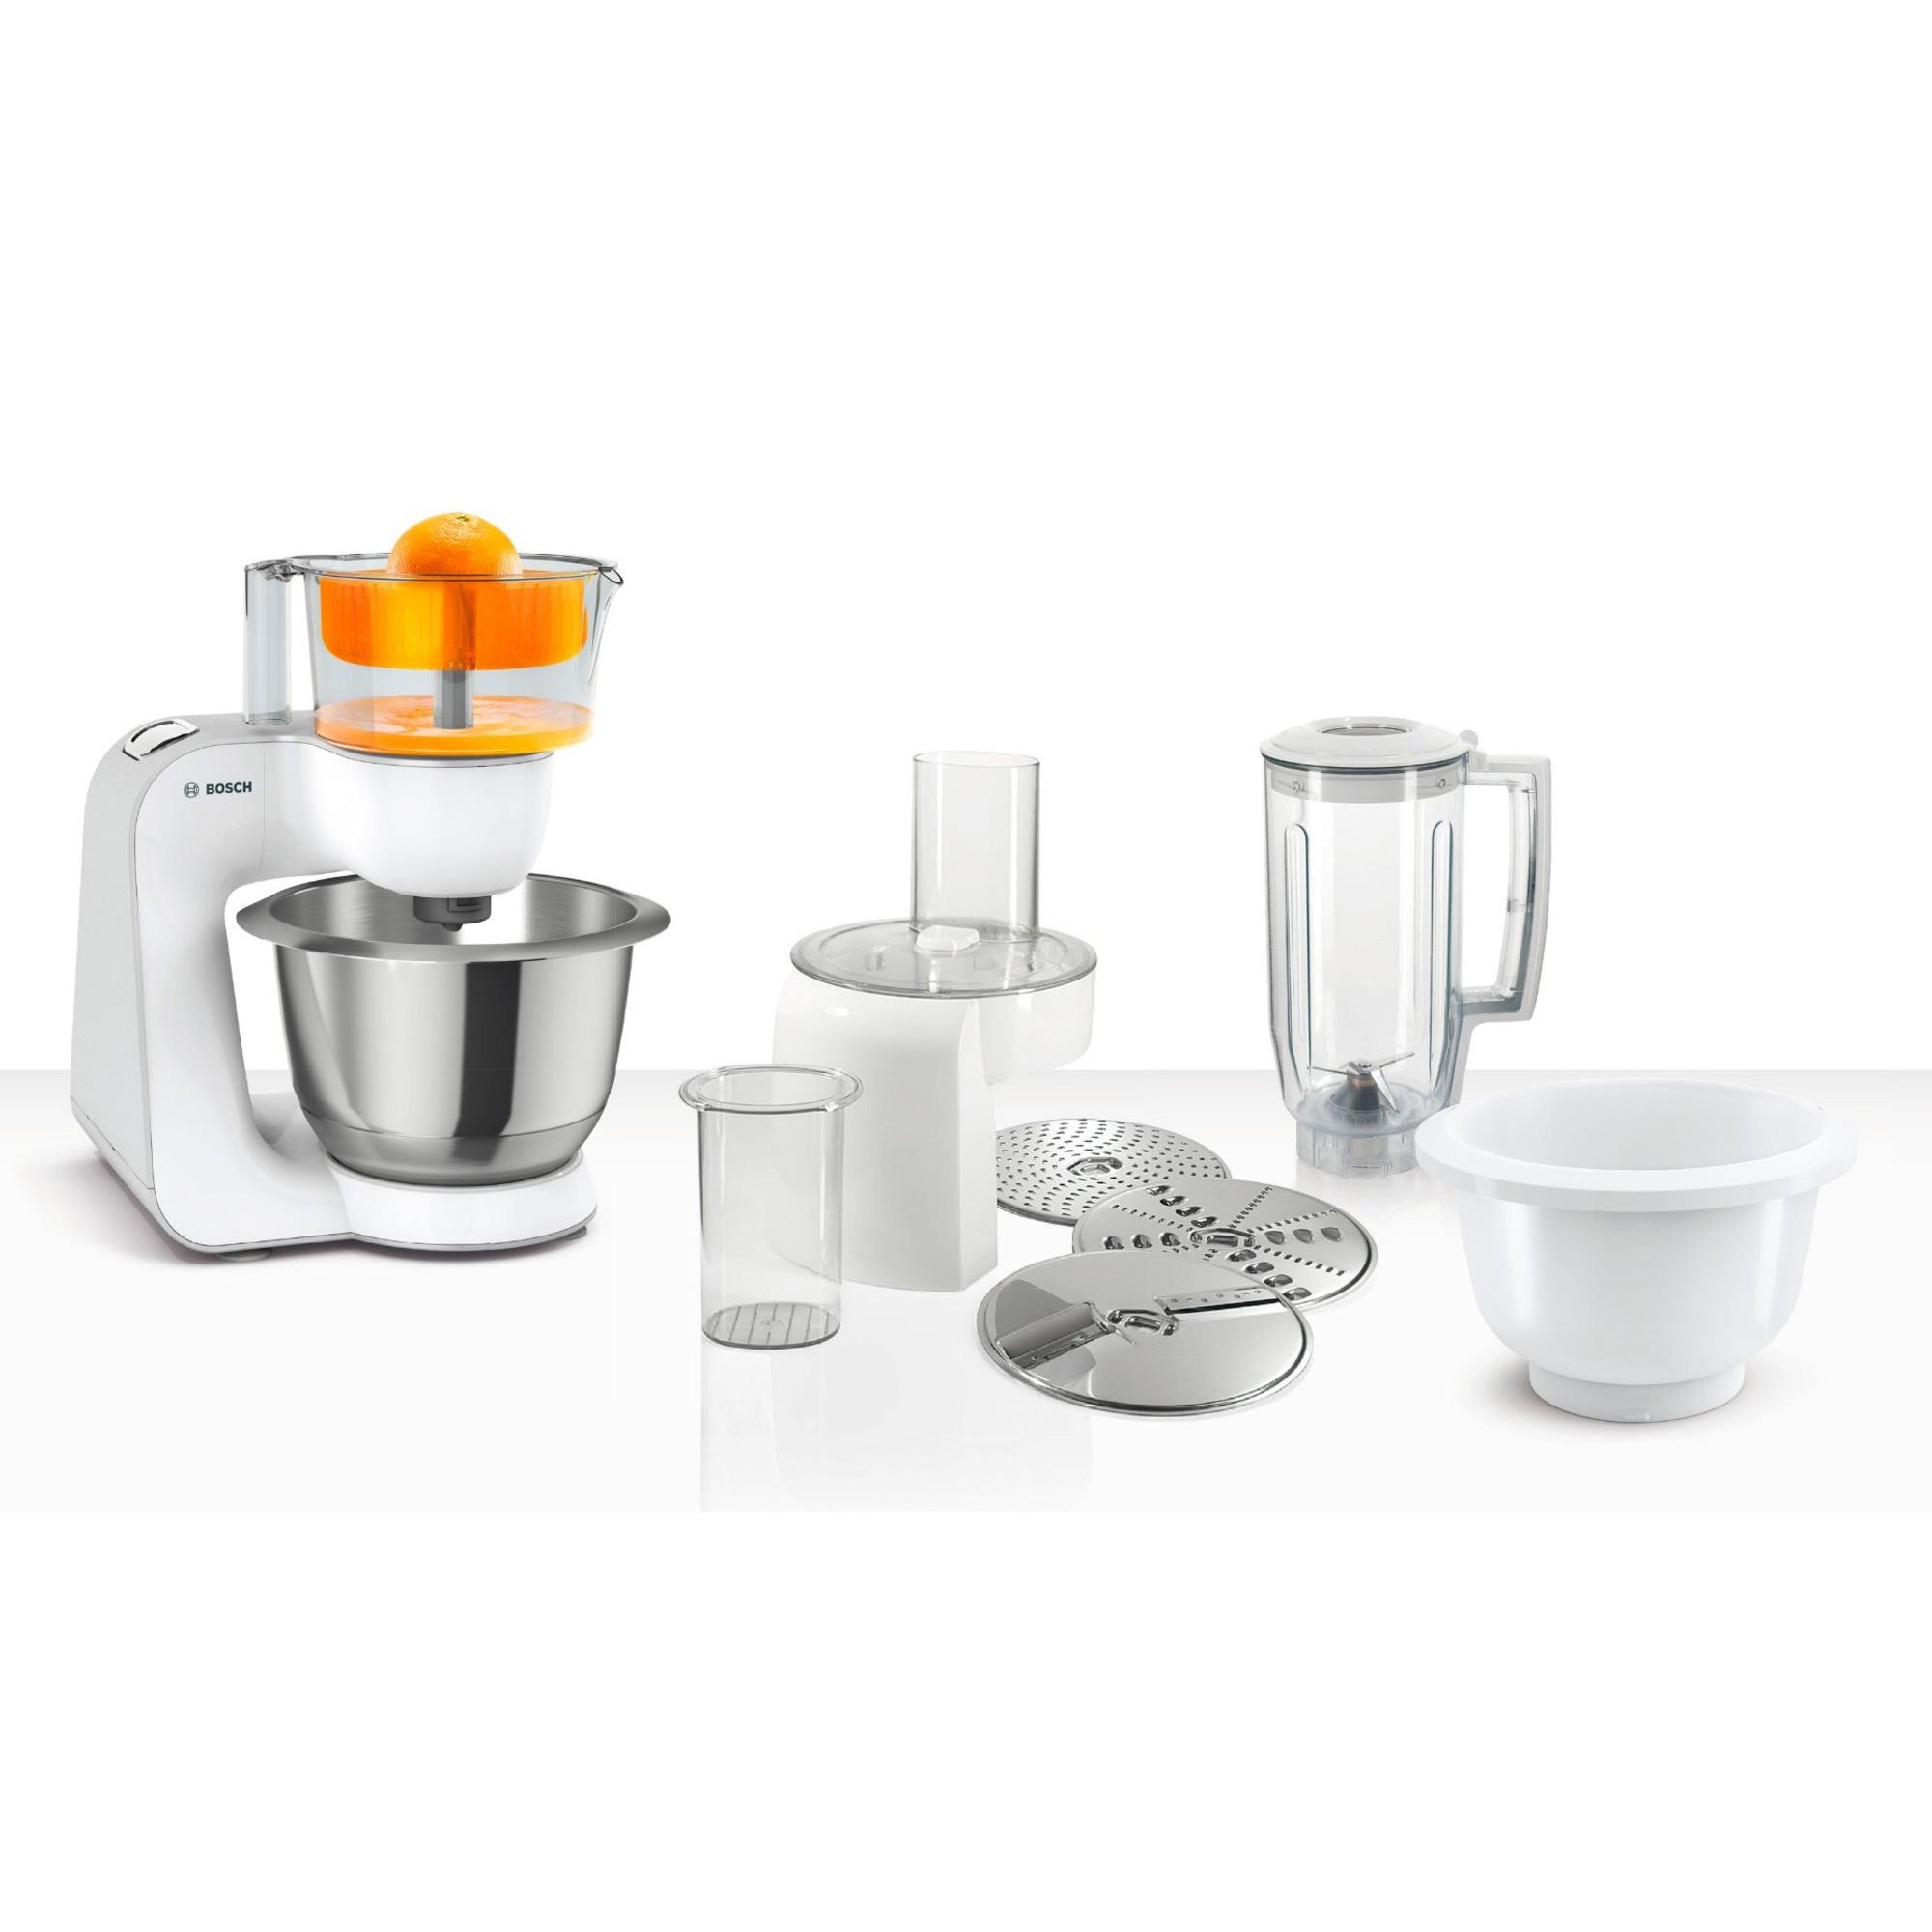 MUM58243 Køkkenmaskine fra Bosch » Med kraftfuld 1000 watts motor